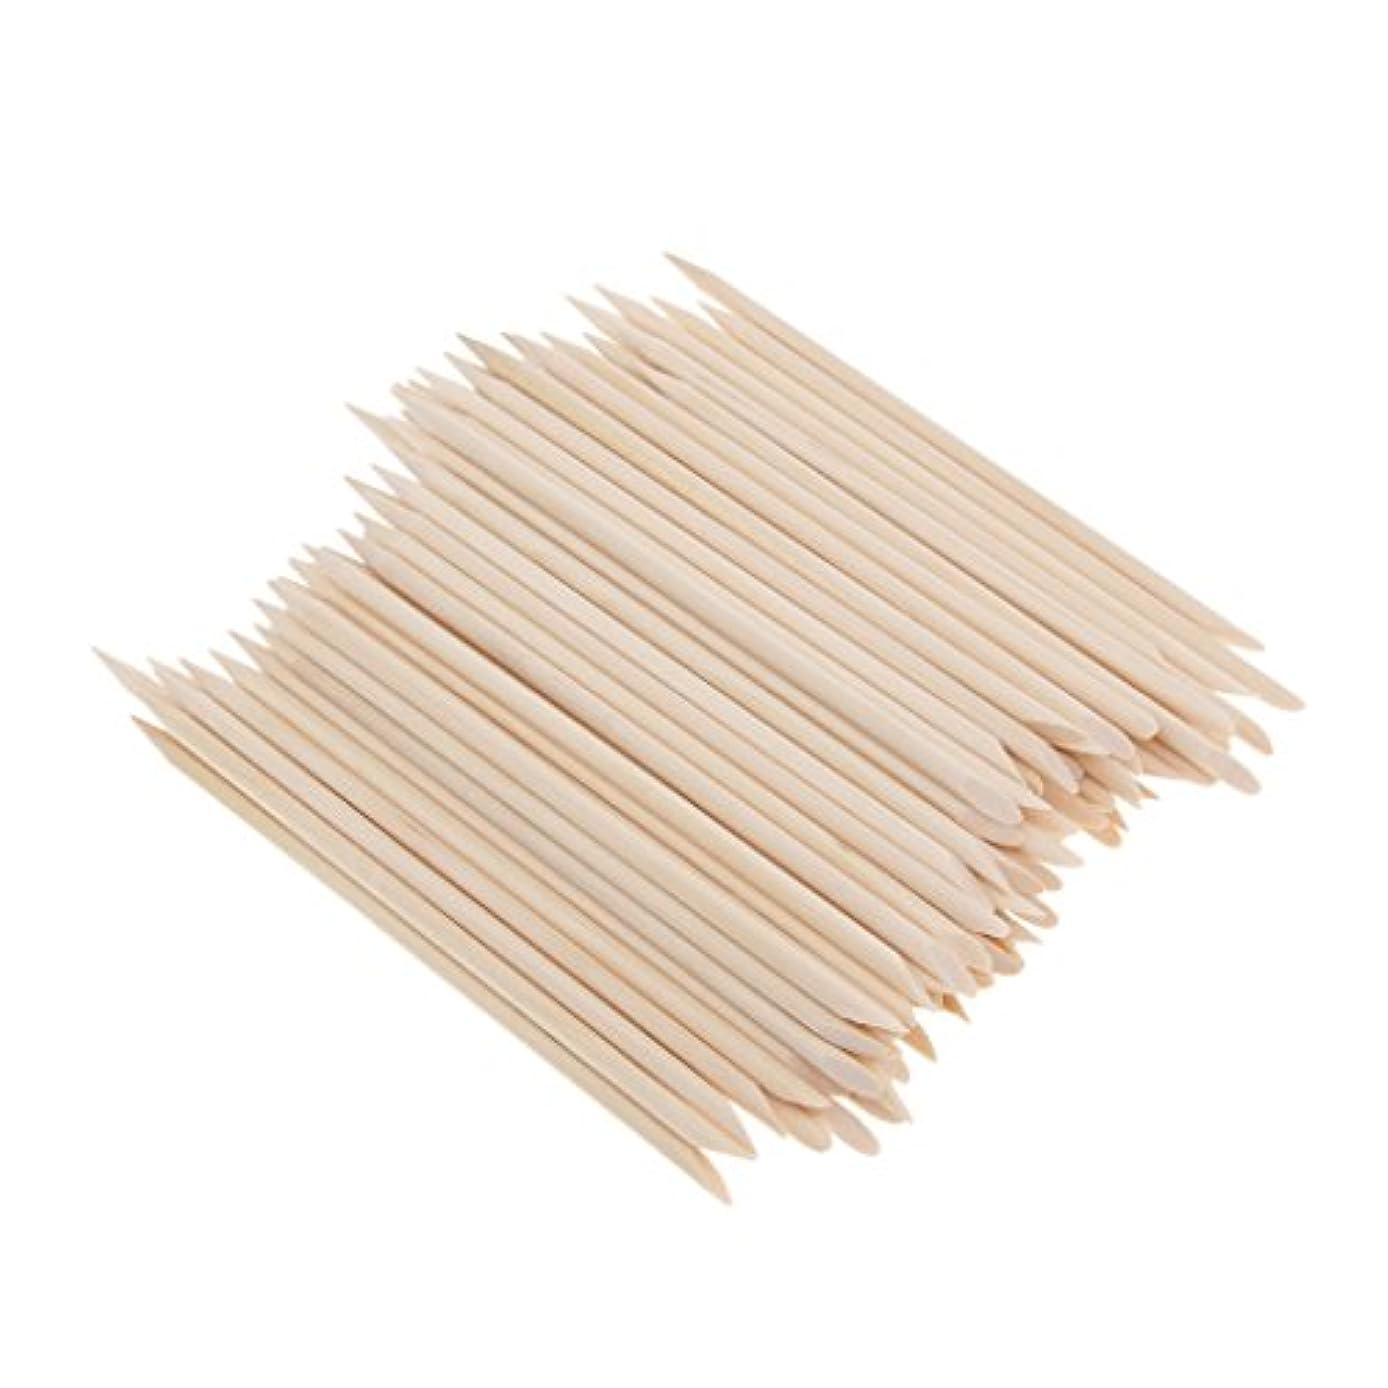 心のこもった棚フィード約100個 爪リムーバー ウッドスティック ネイルアート 木のスティック キューティクルプッシャー リムーバー マニキュアツール